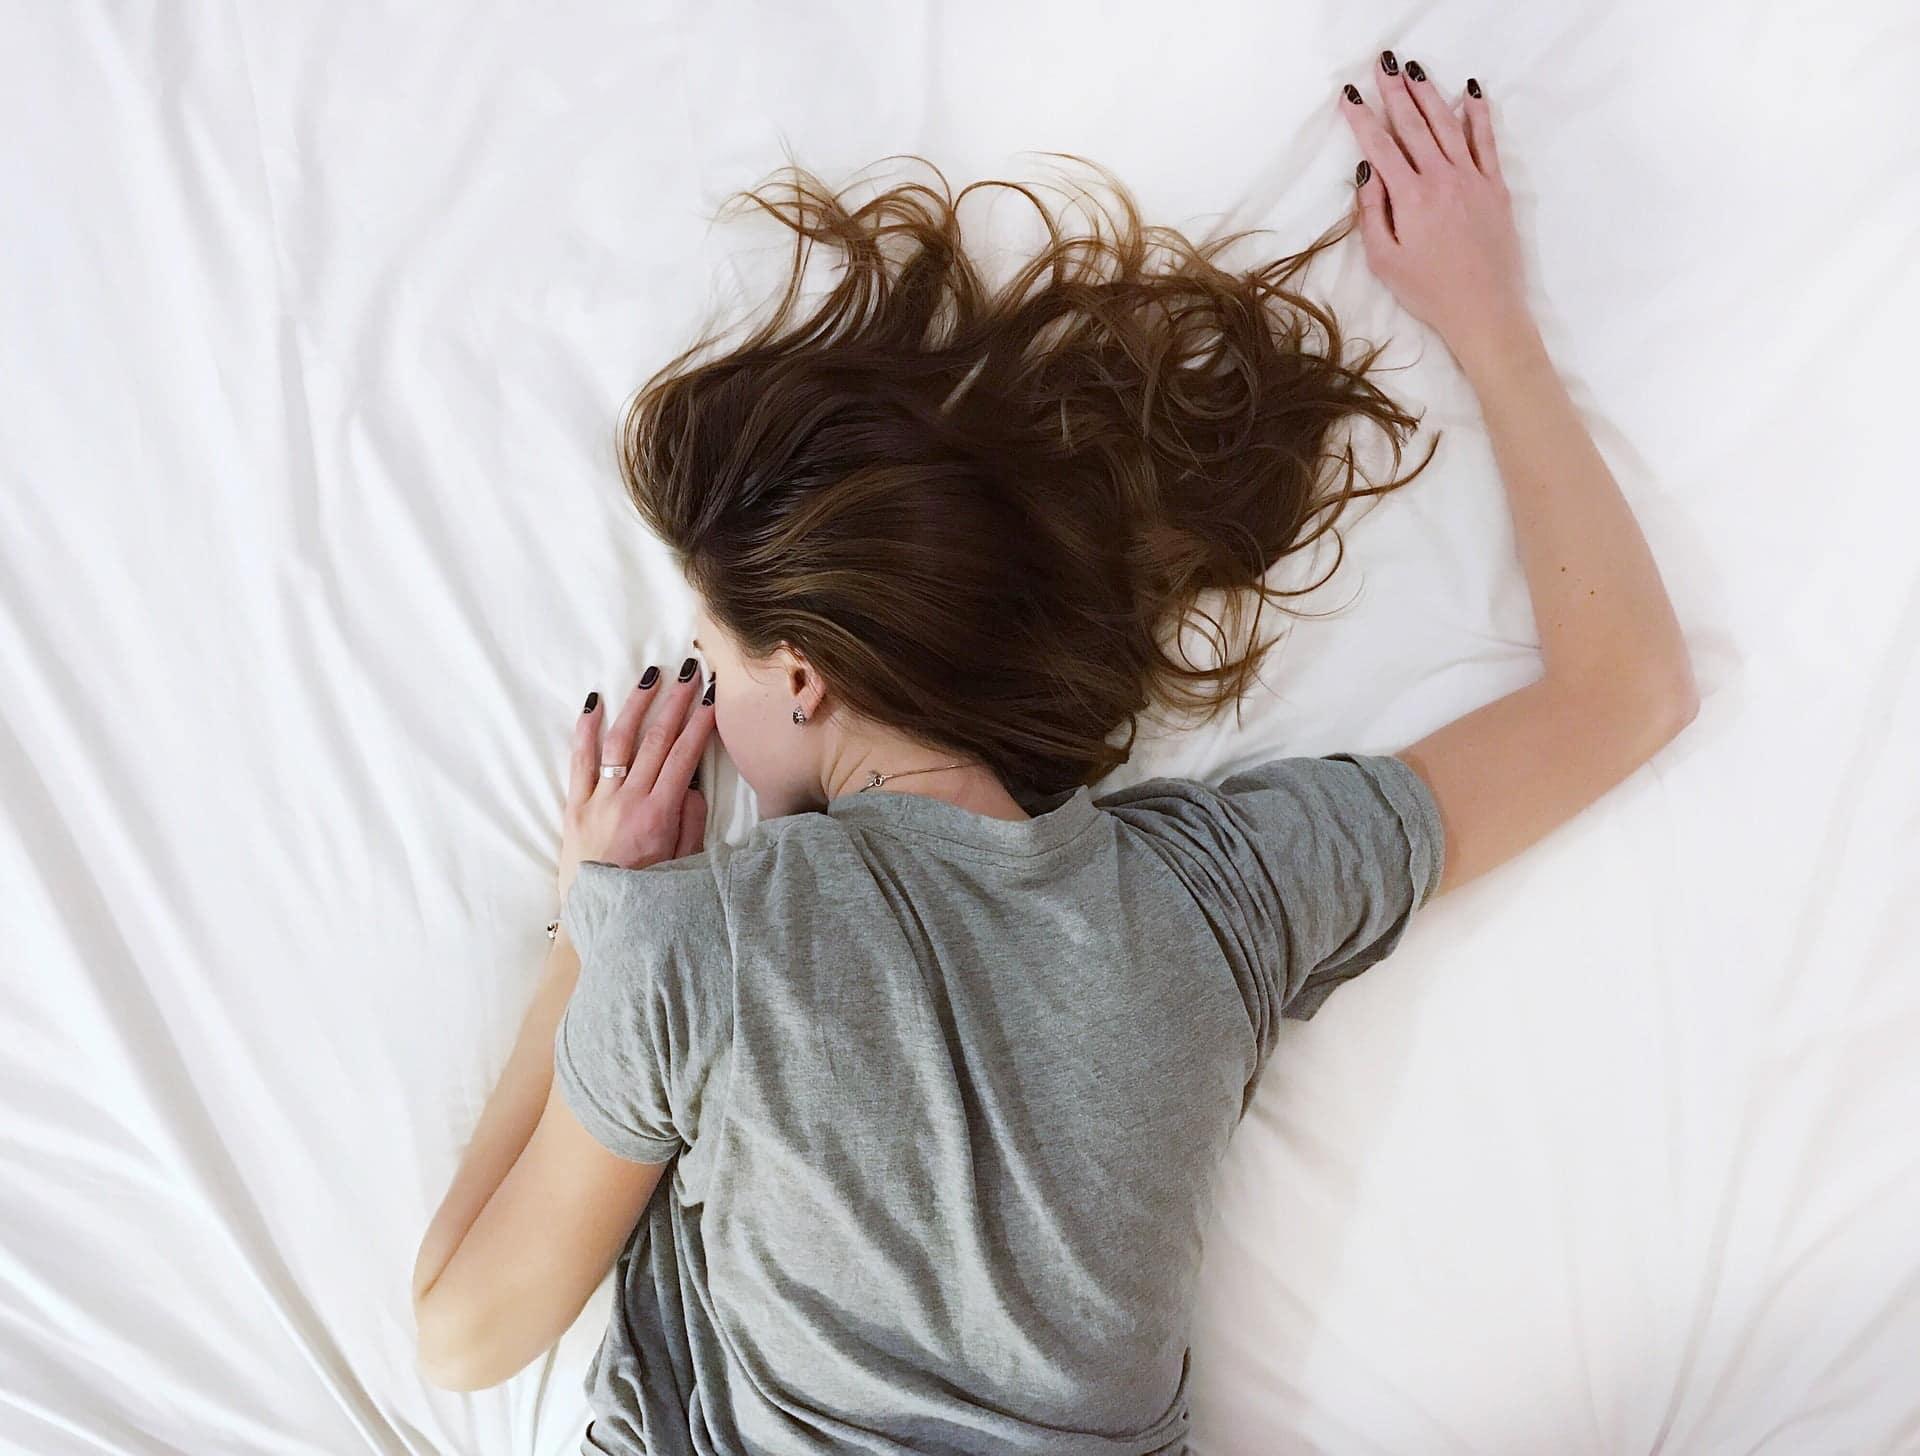 cea mai bună poziție de dormit pentru pierderea în greutate)